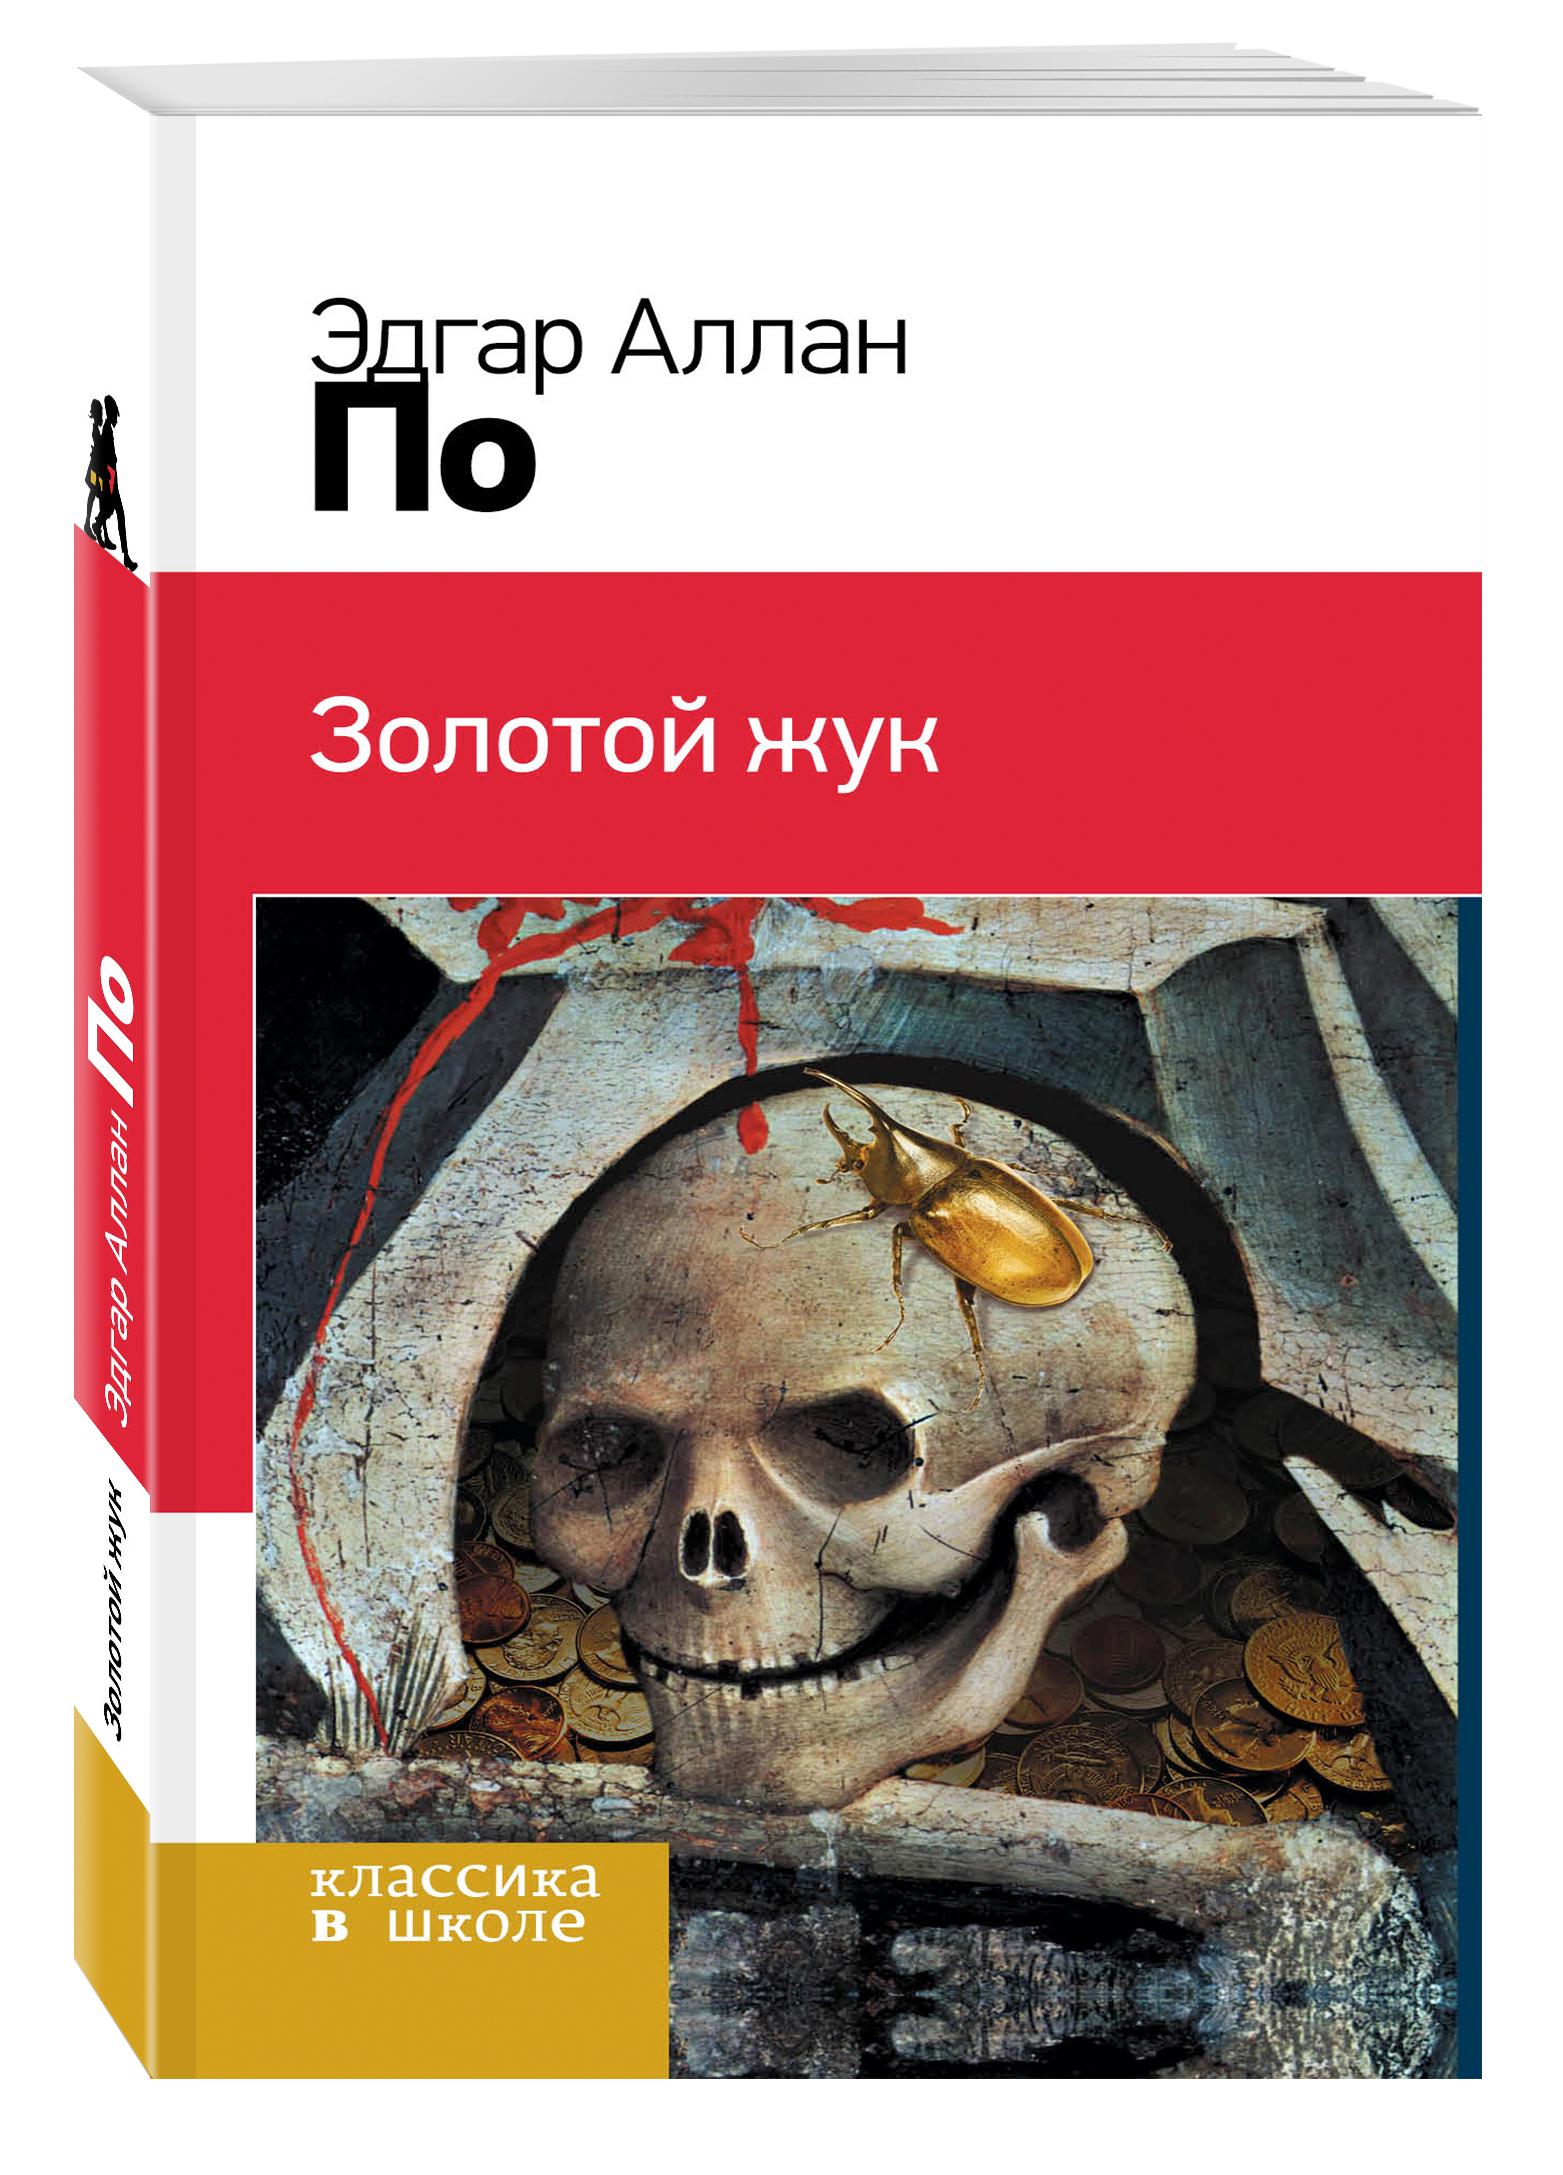 Эдгар Аллан По Золотой жук cd аудиокнига по эдгар золотой жук рассказы cdmp3 медиакнига